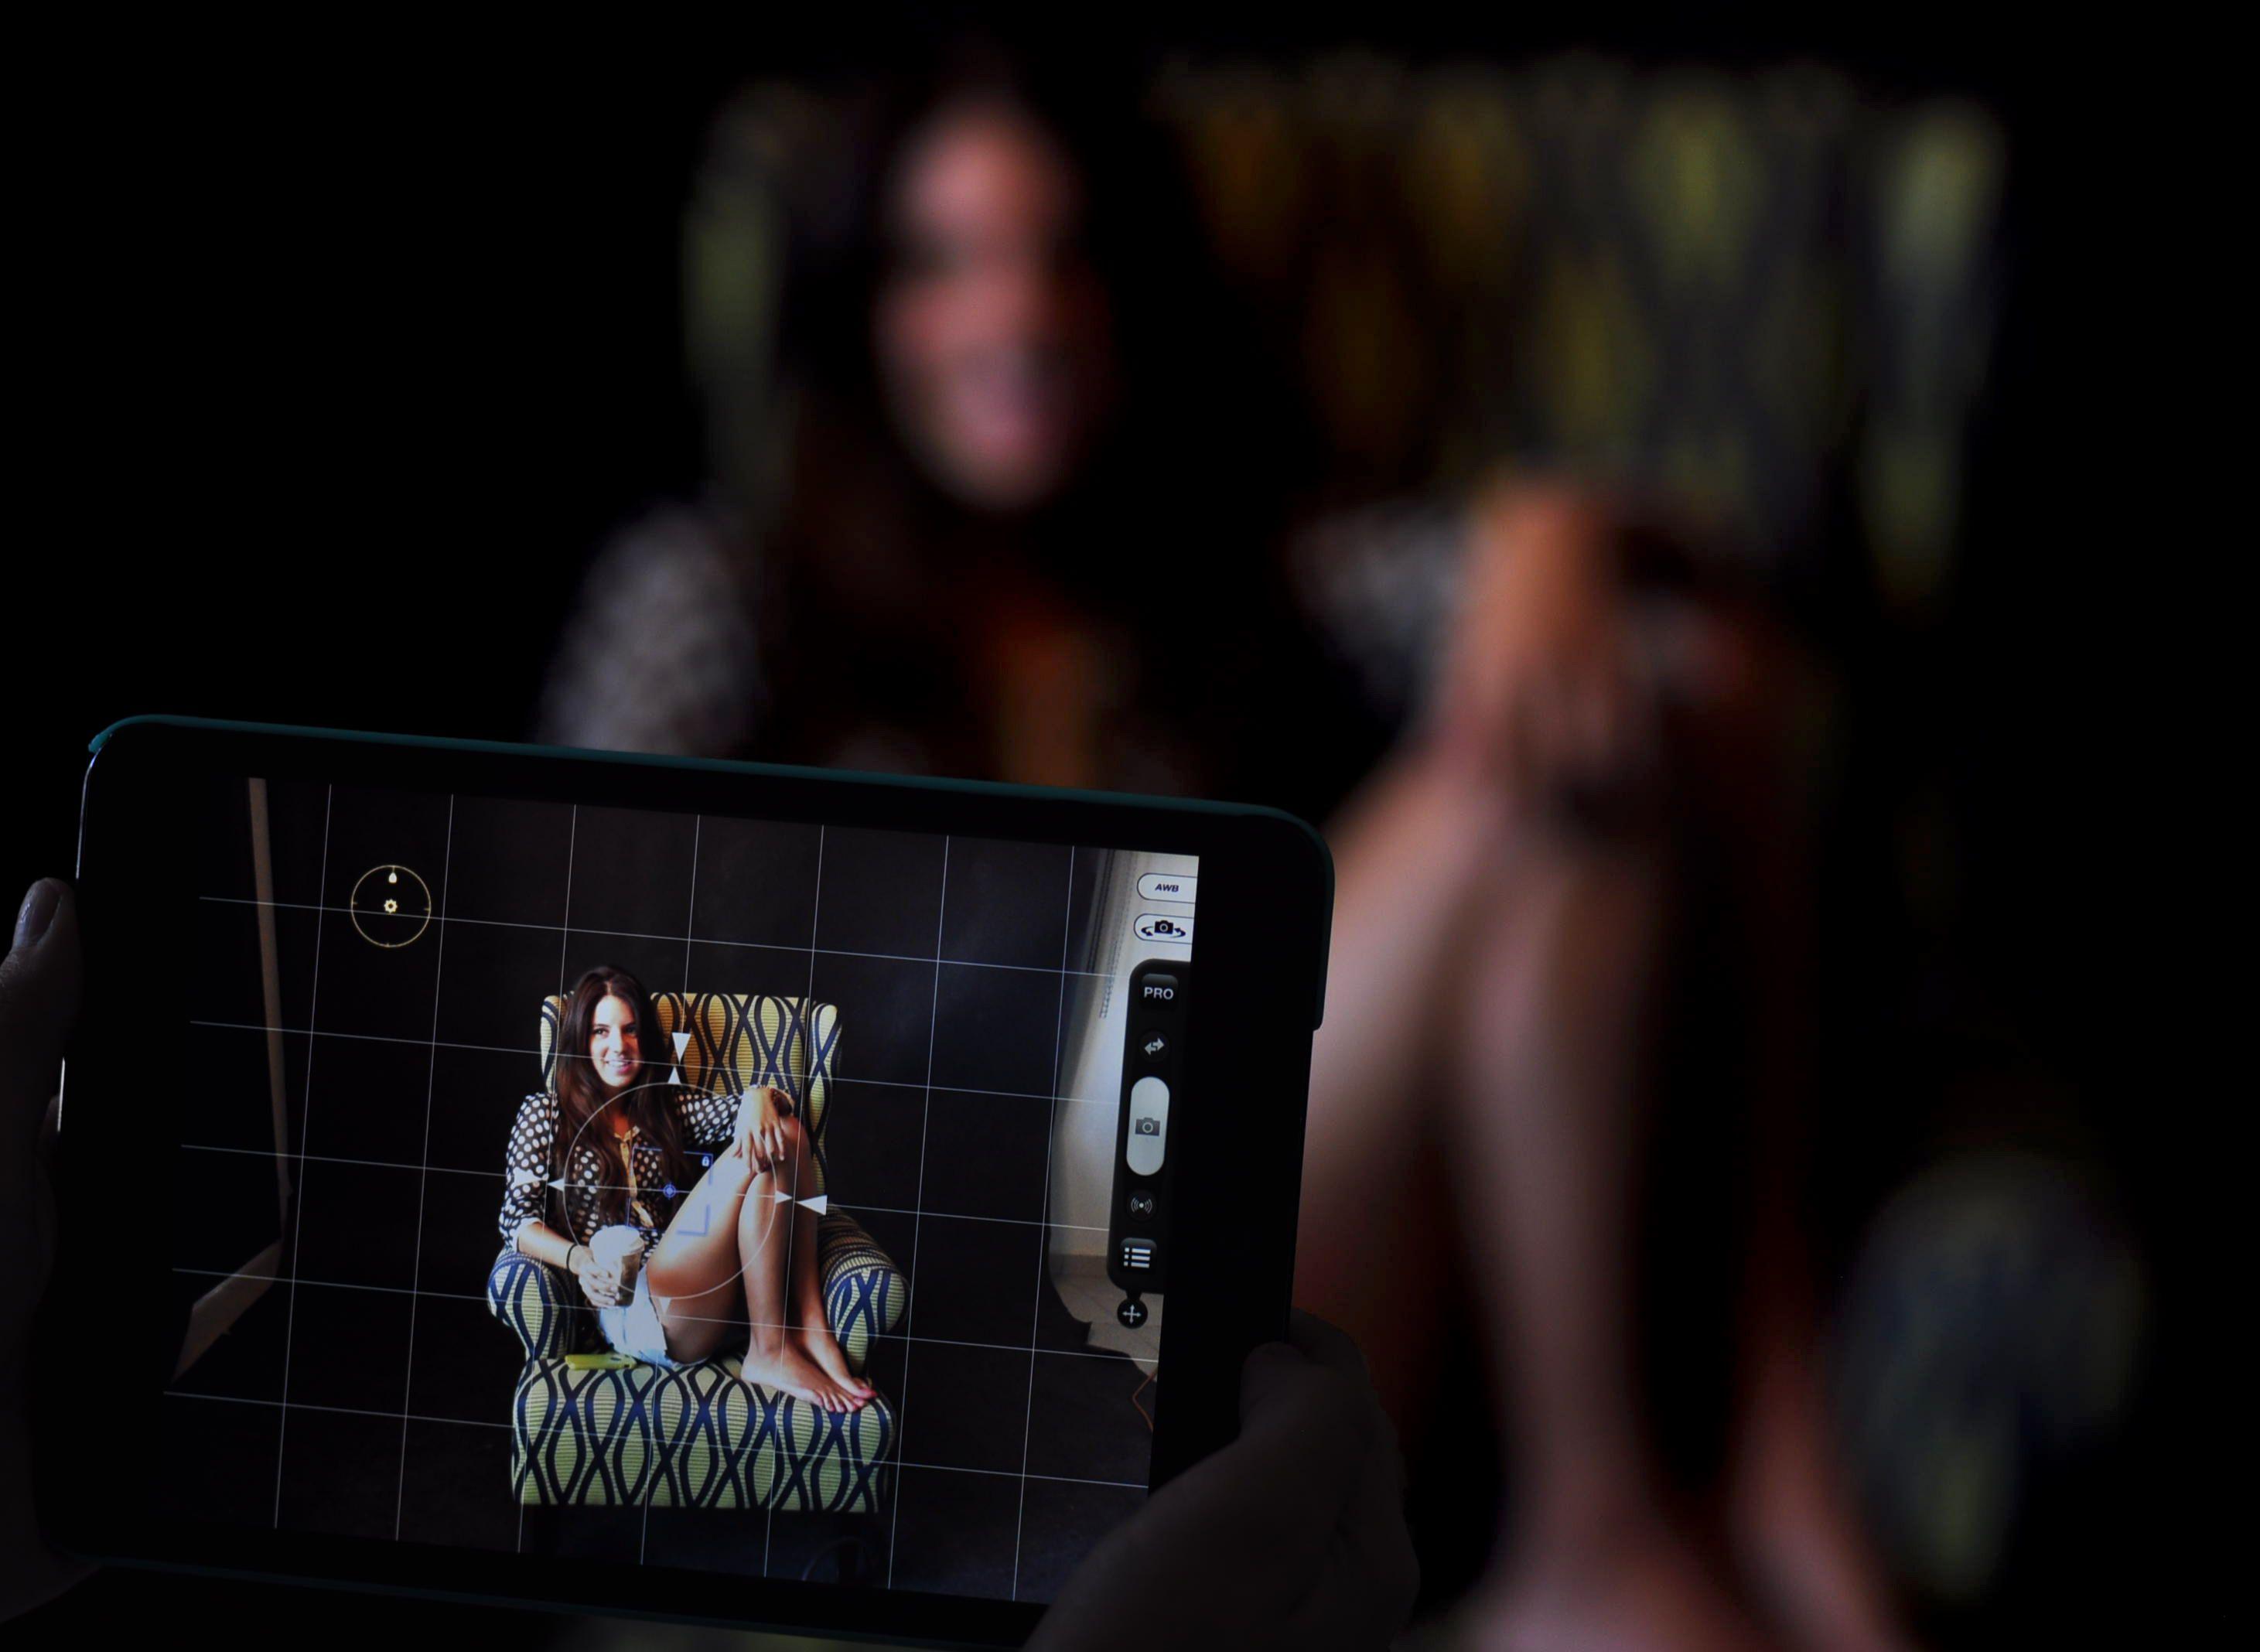 Una pequeña pantalla nos puede separar de la realidad @Softtek #photobook